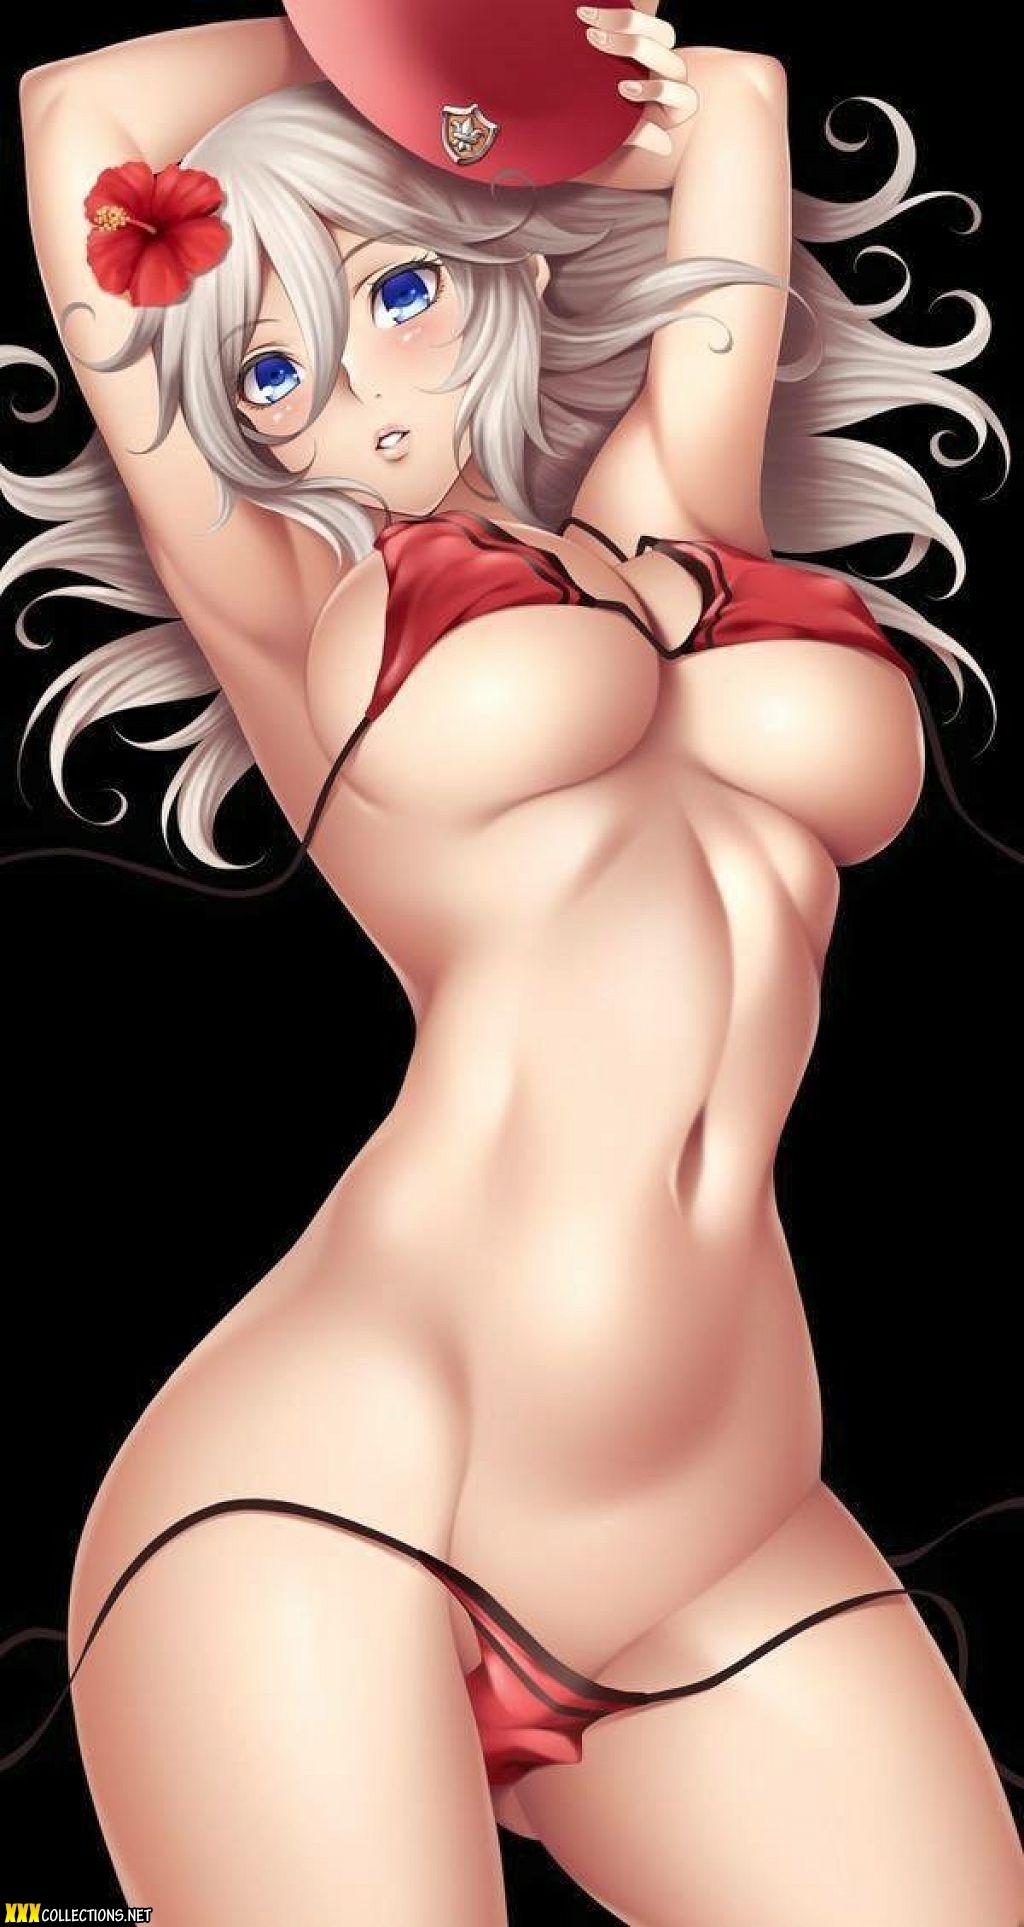 Anime and hentai